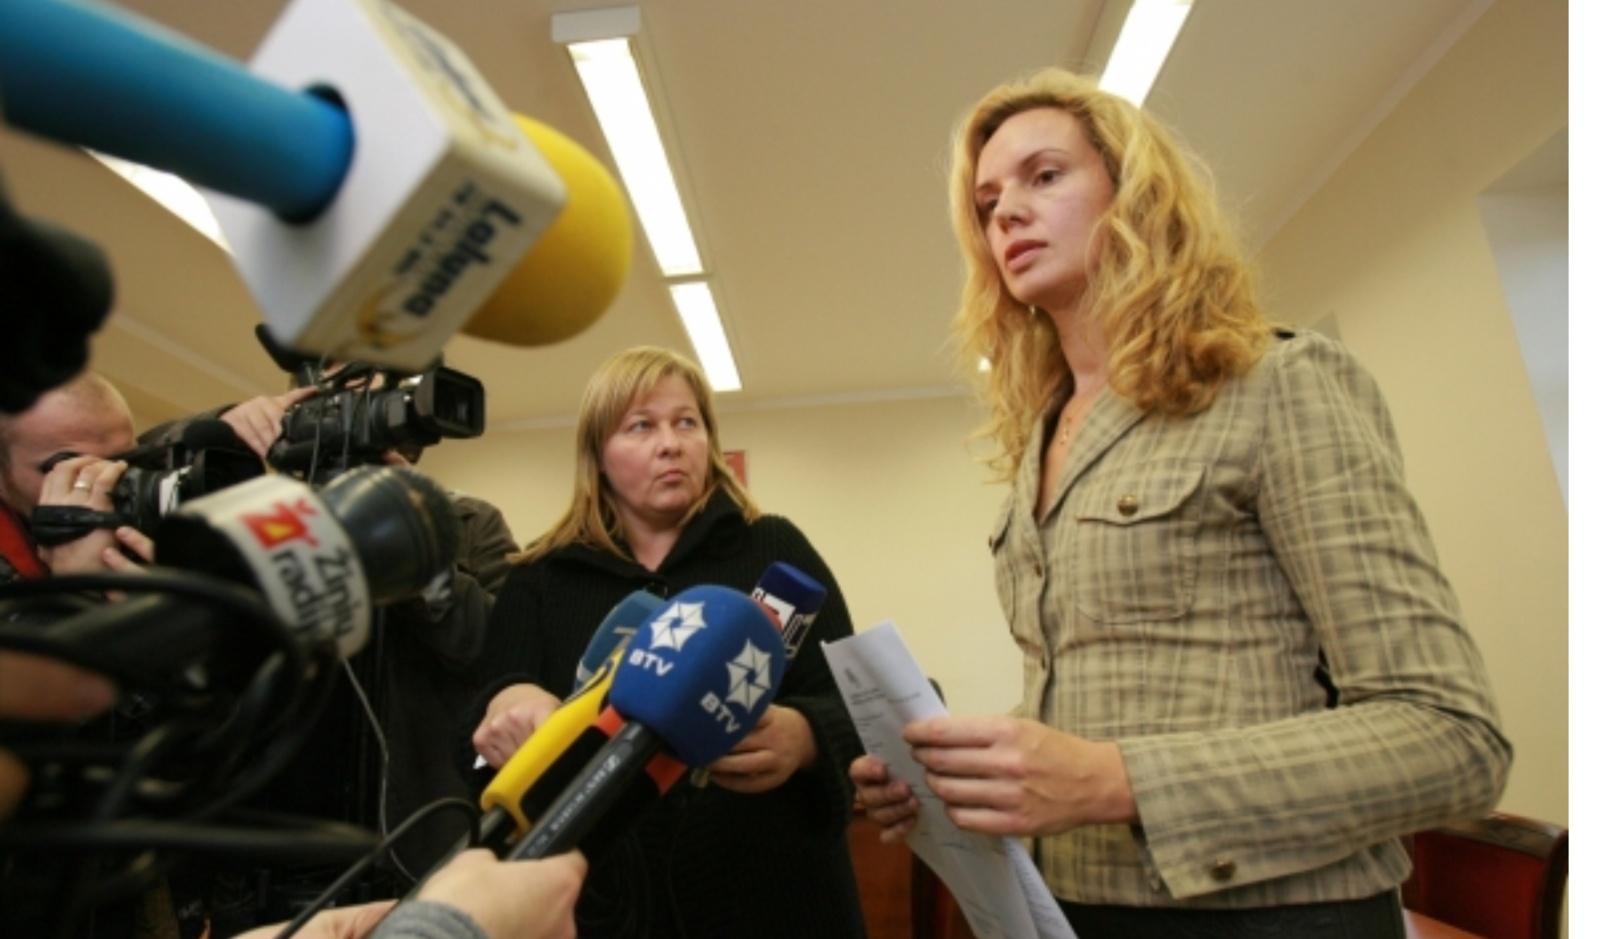 EŽTT Michaeliui Rinau priteisė 123 tūkst. eurų dėl politikų kišimosi, teisėsaugos šališkumo